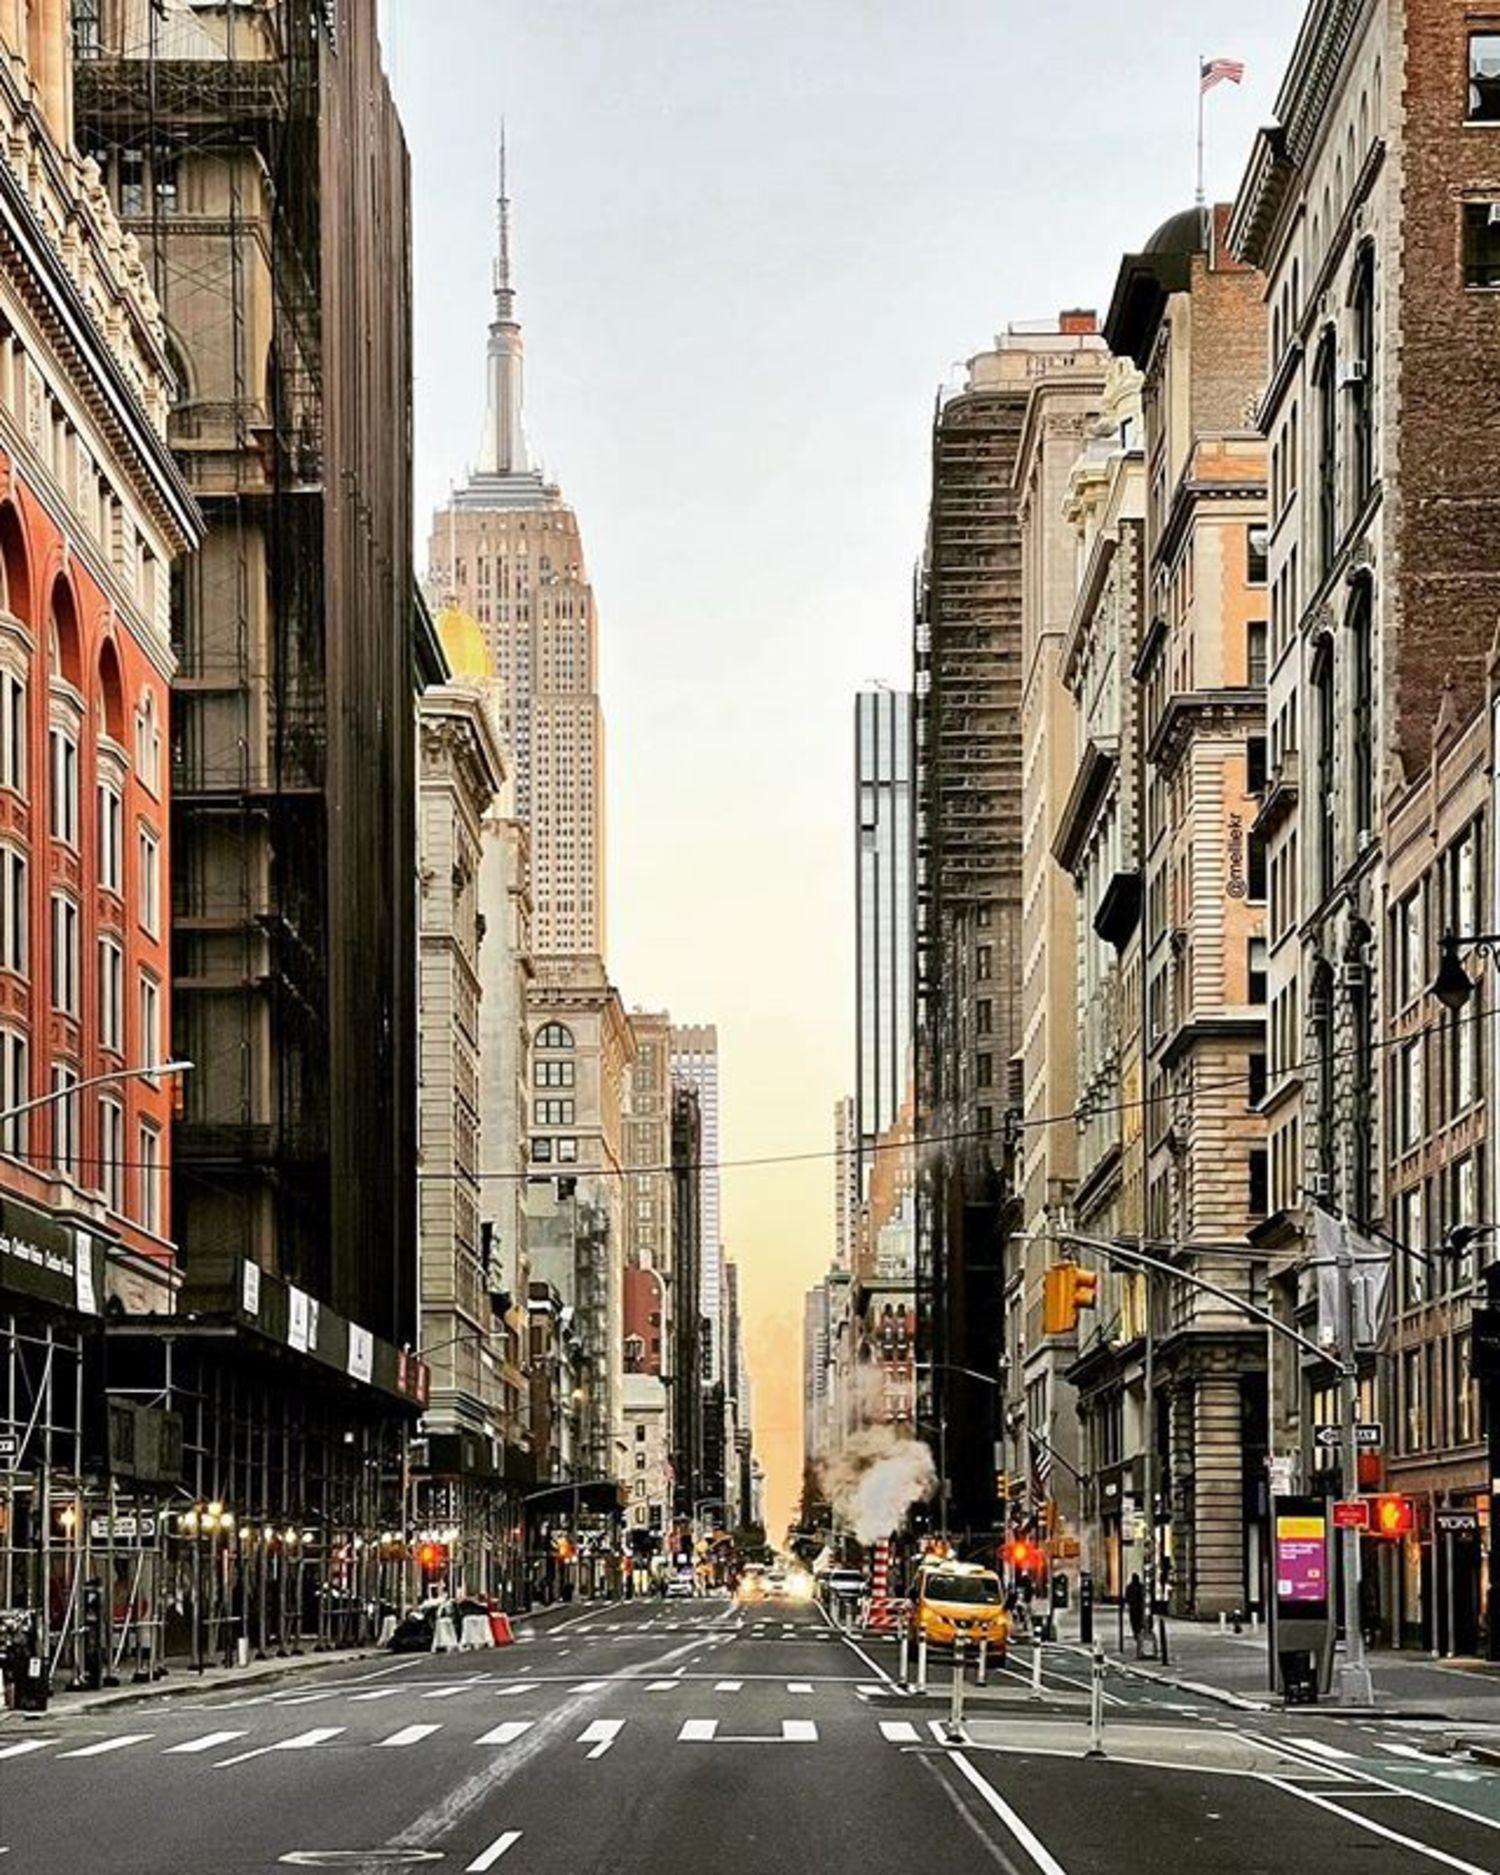 5th Avenue, Flatiron District, Manhattan